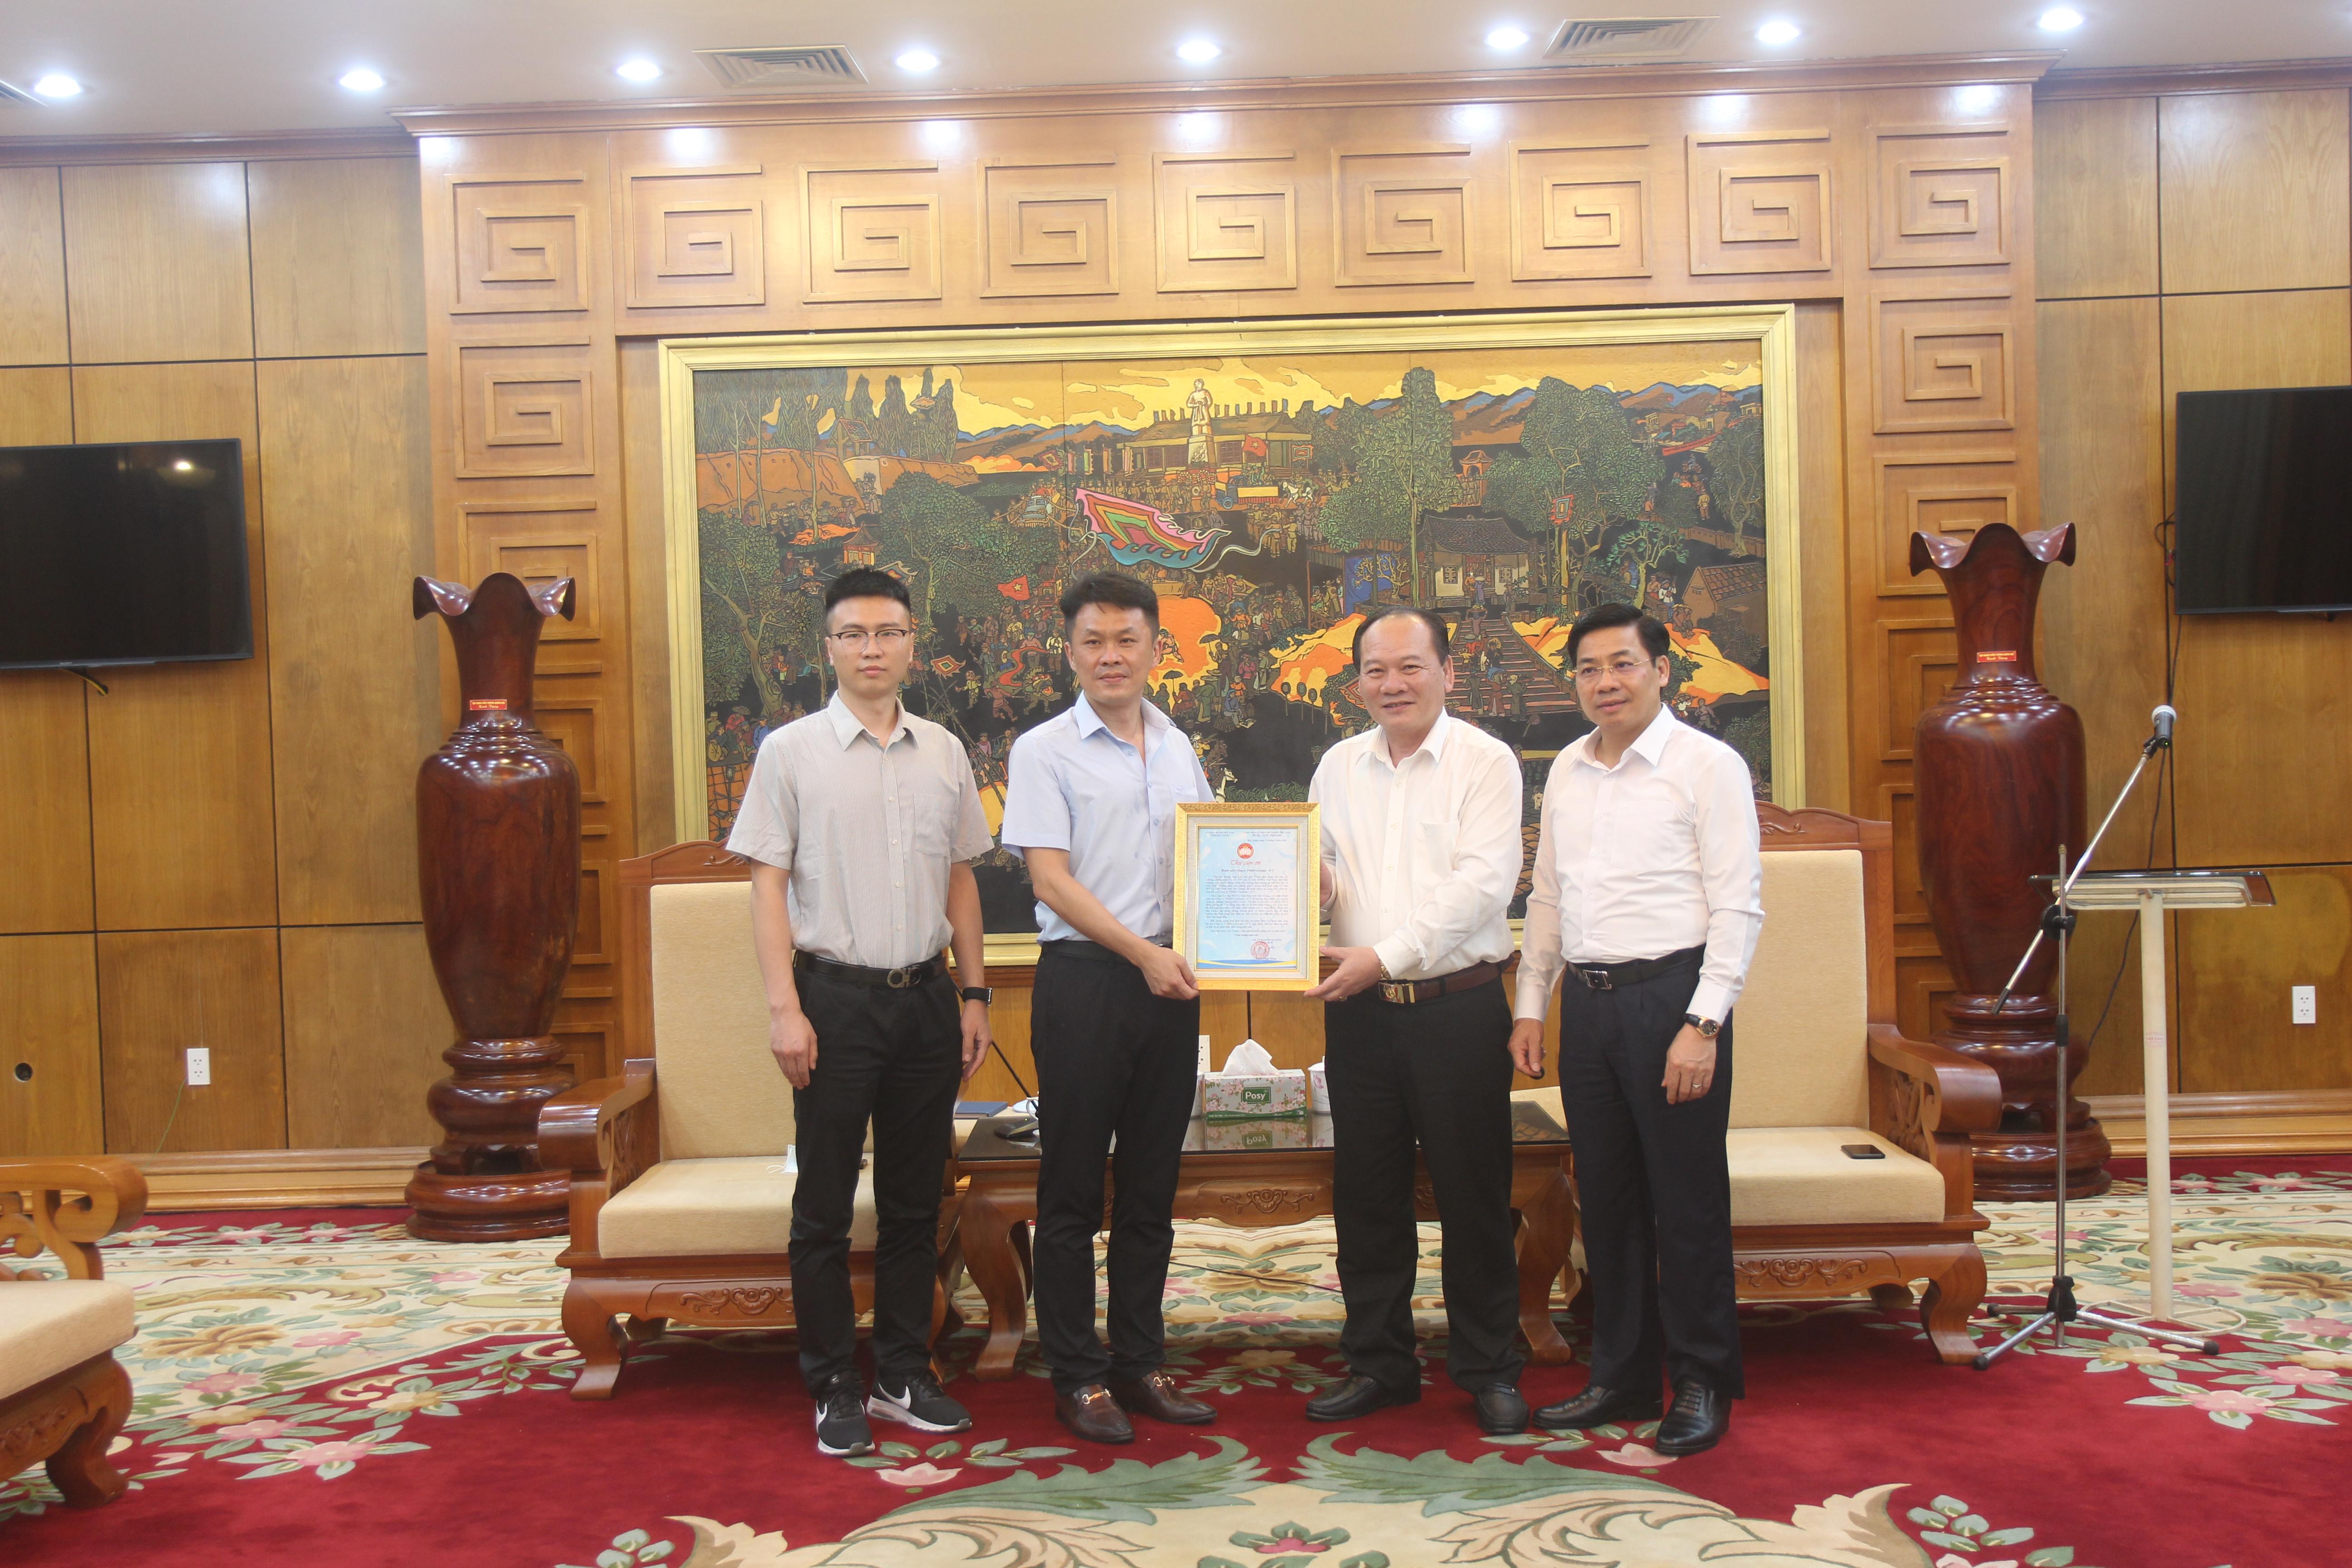 Ban chỉ đạo tỉnh tiếp nhận sự ủng hộ của Công ty TNHH Luxshare-ICT.